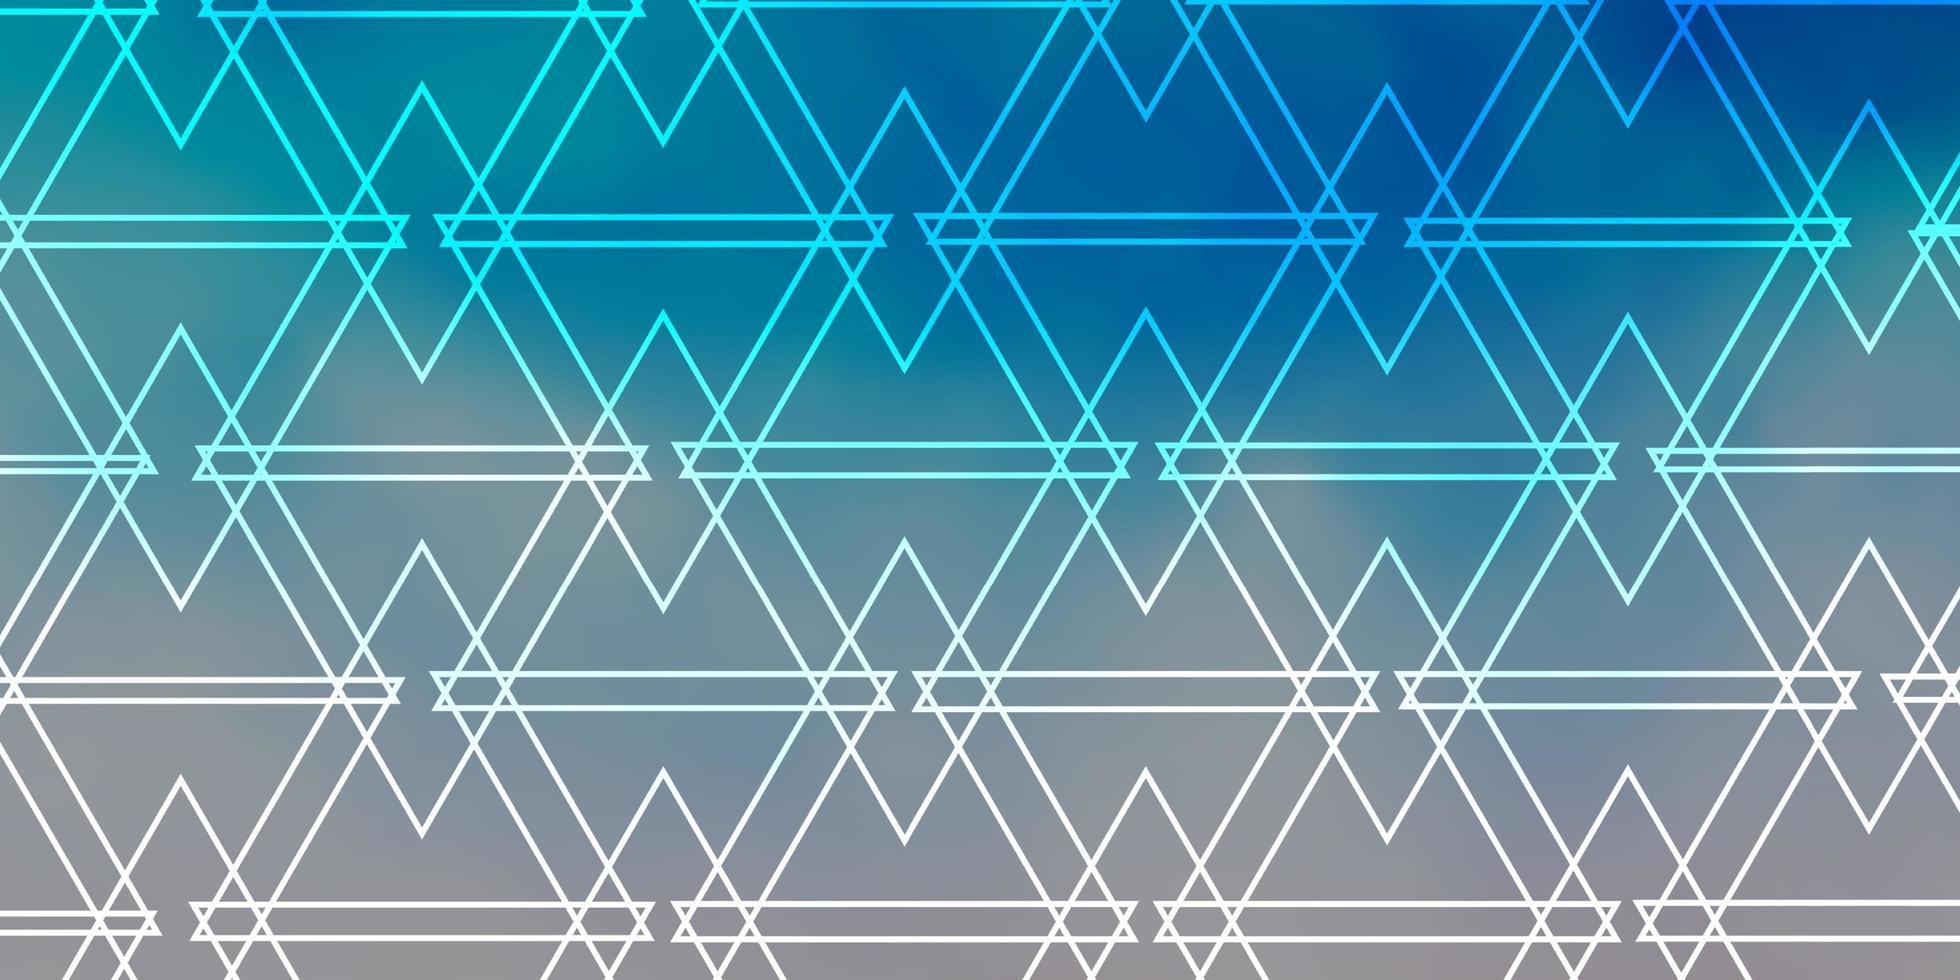 fond bleu clair avec un style polygonal. vecteur